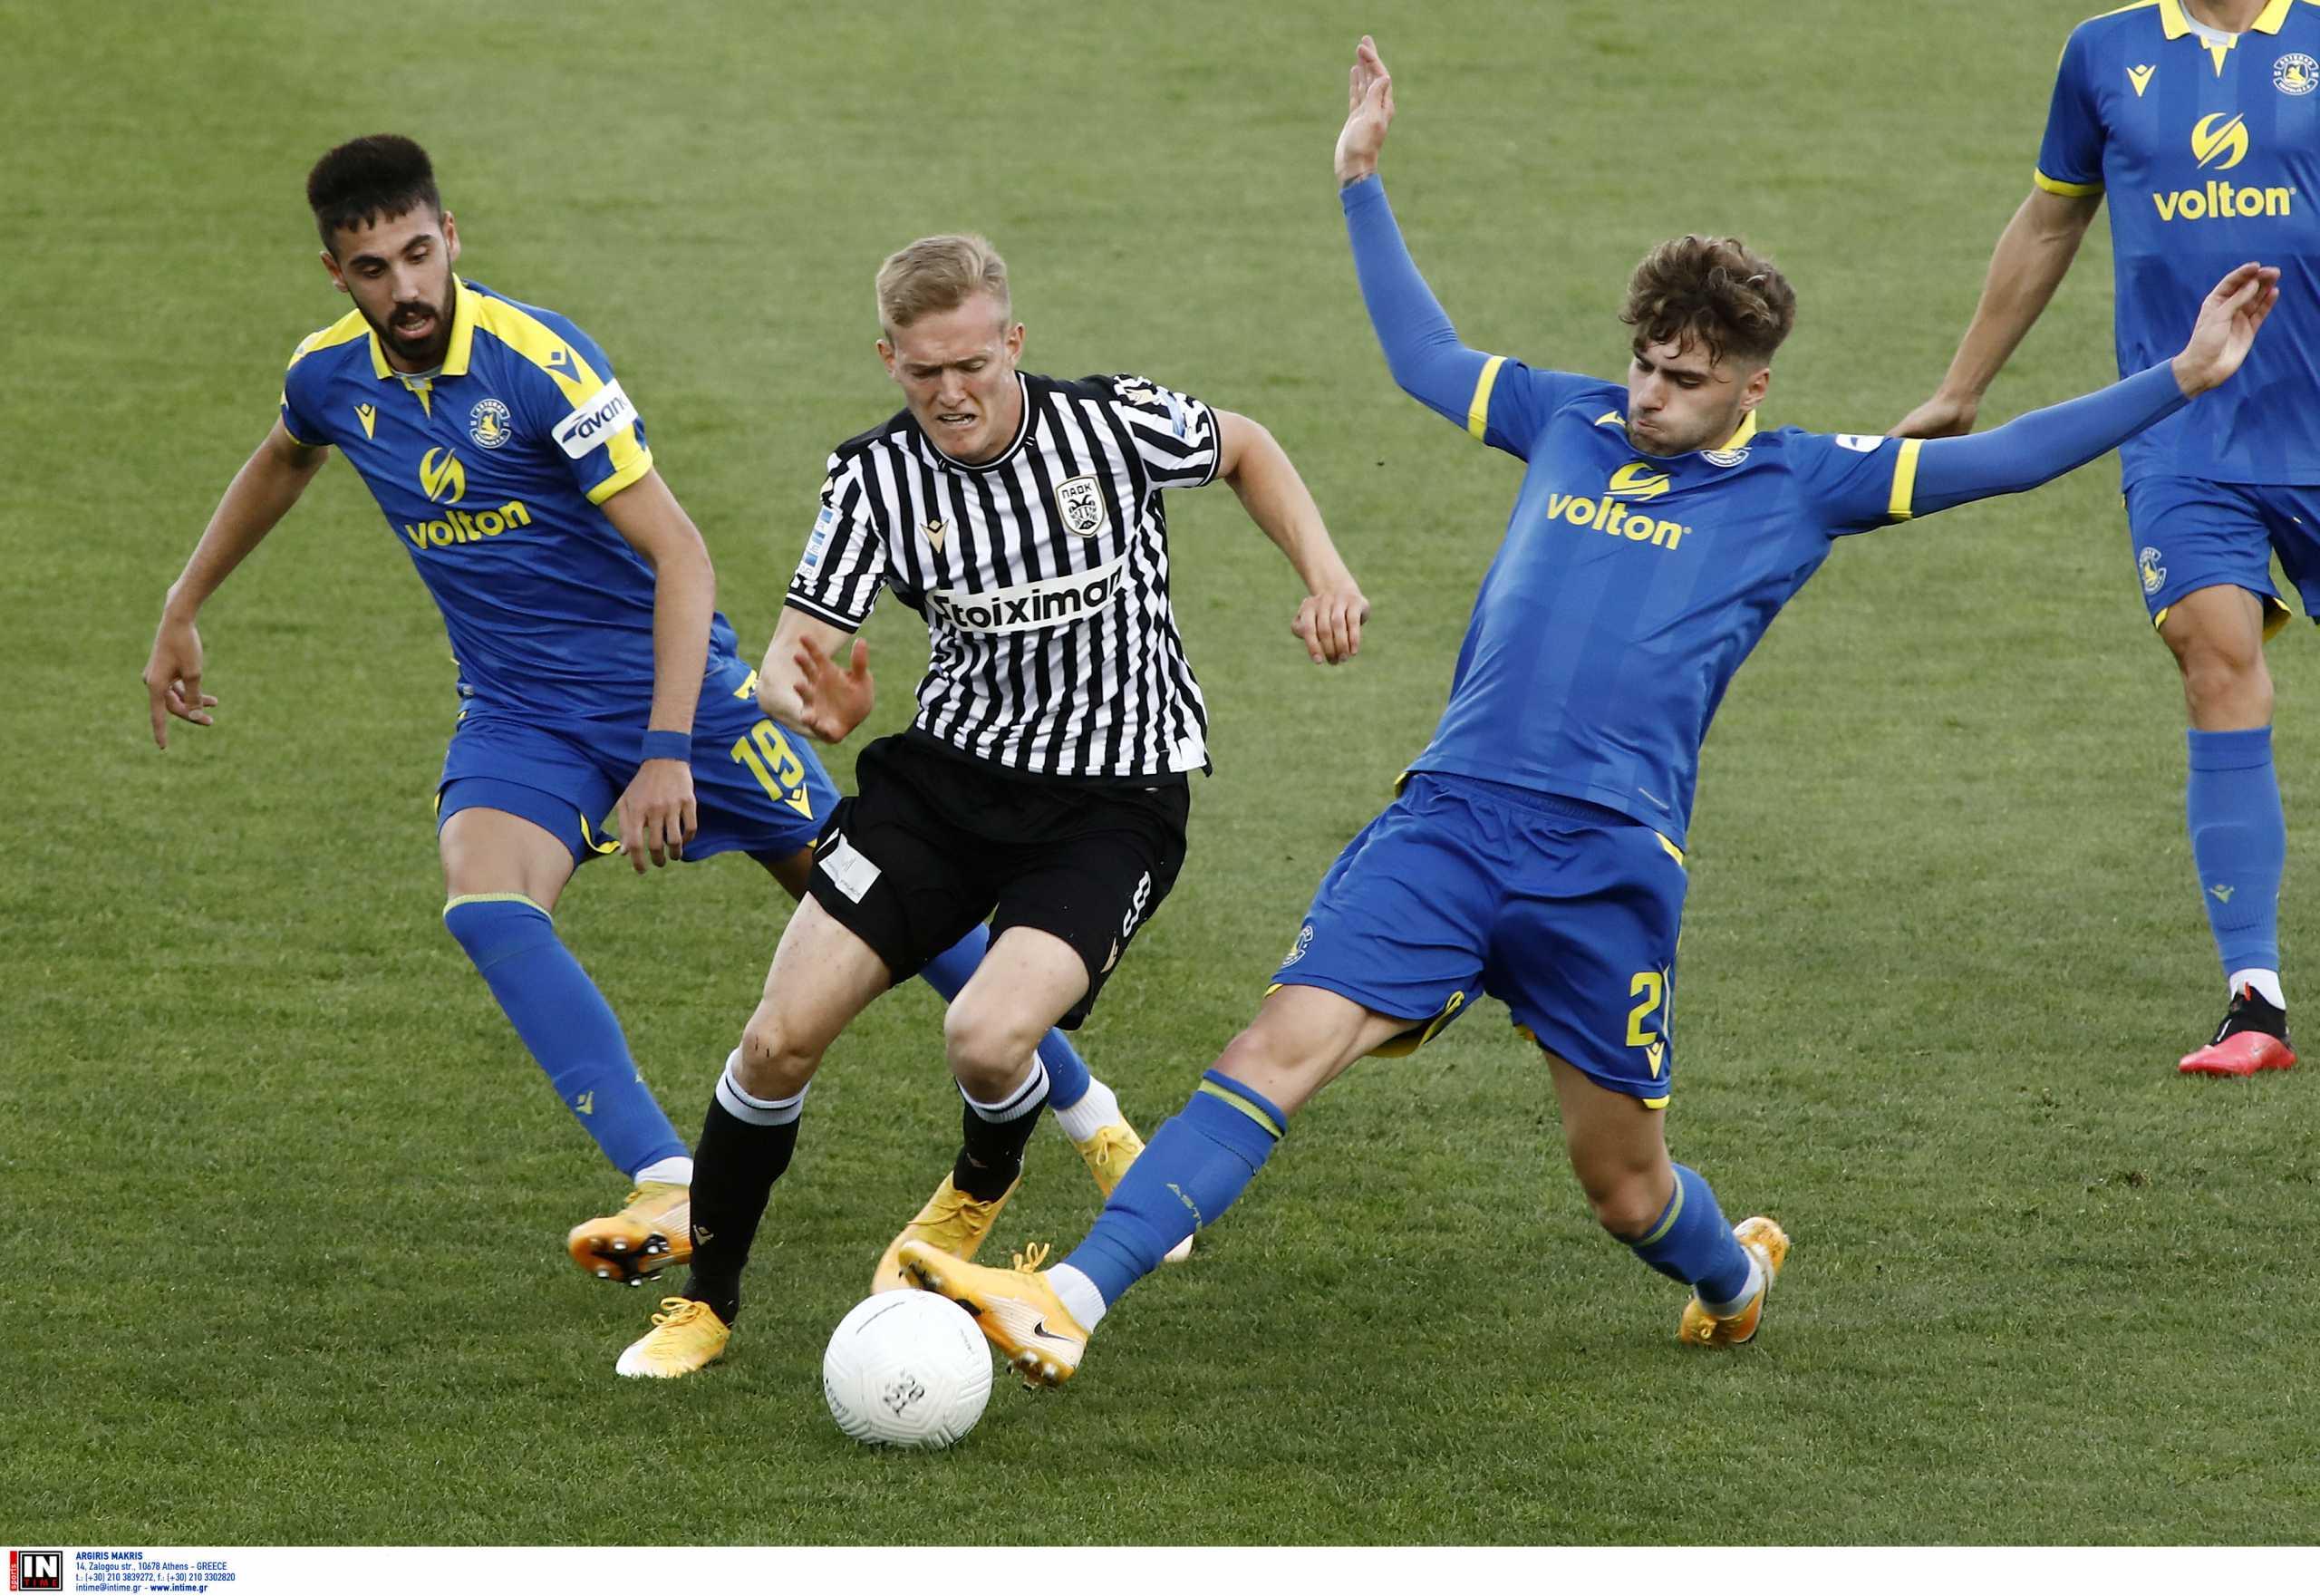 ΠΑΟΚ – Αστέρας Τρίπολης 0-1 ΤΕΛΙΚΟ